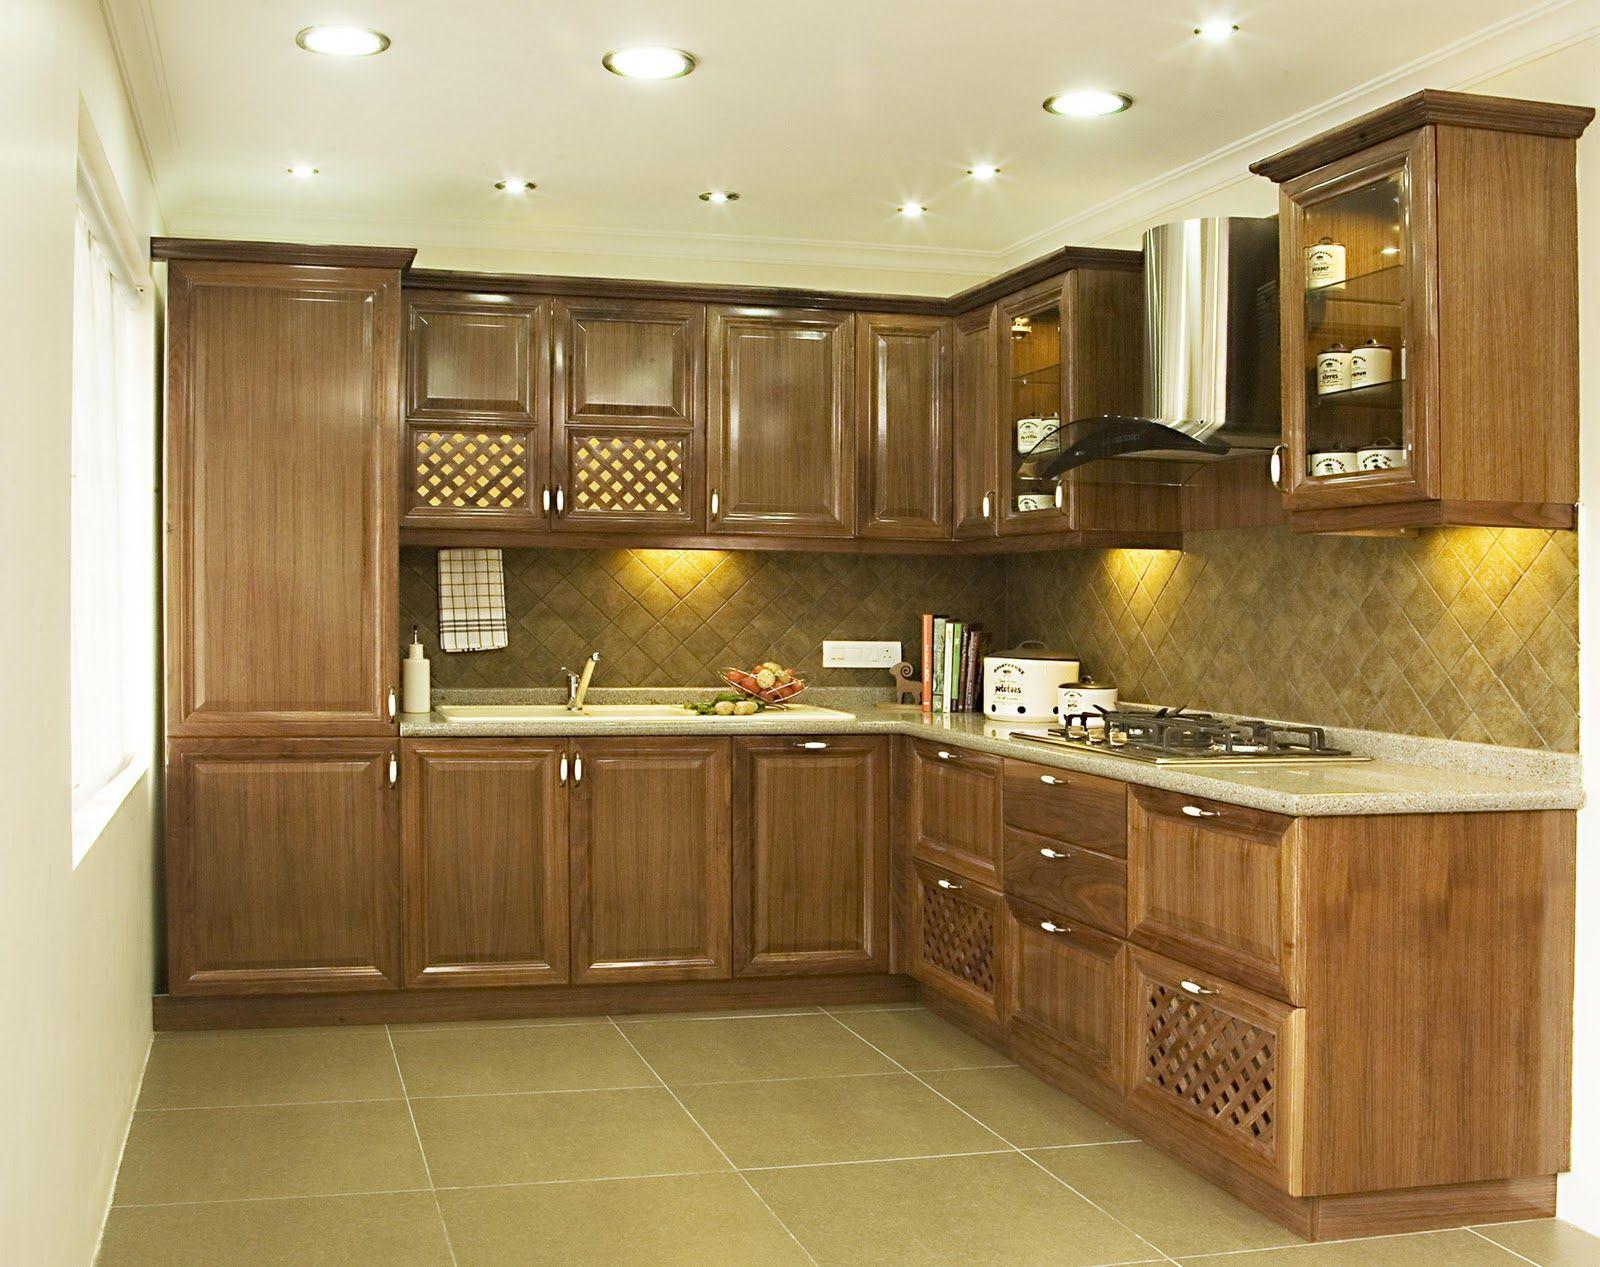 kitchen designer 3d Kitchen Design Software Download Free http sapuru com 3d